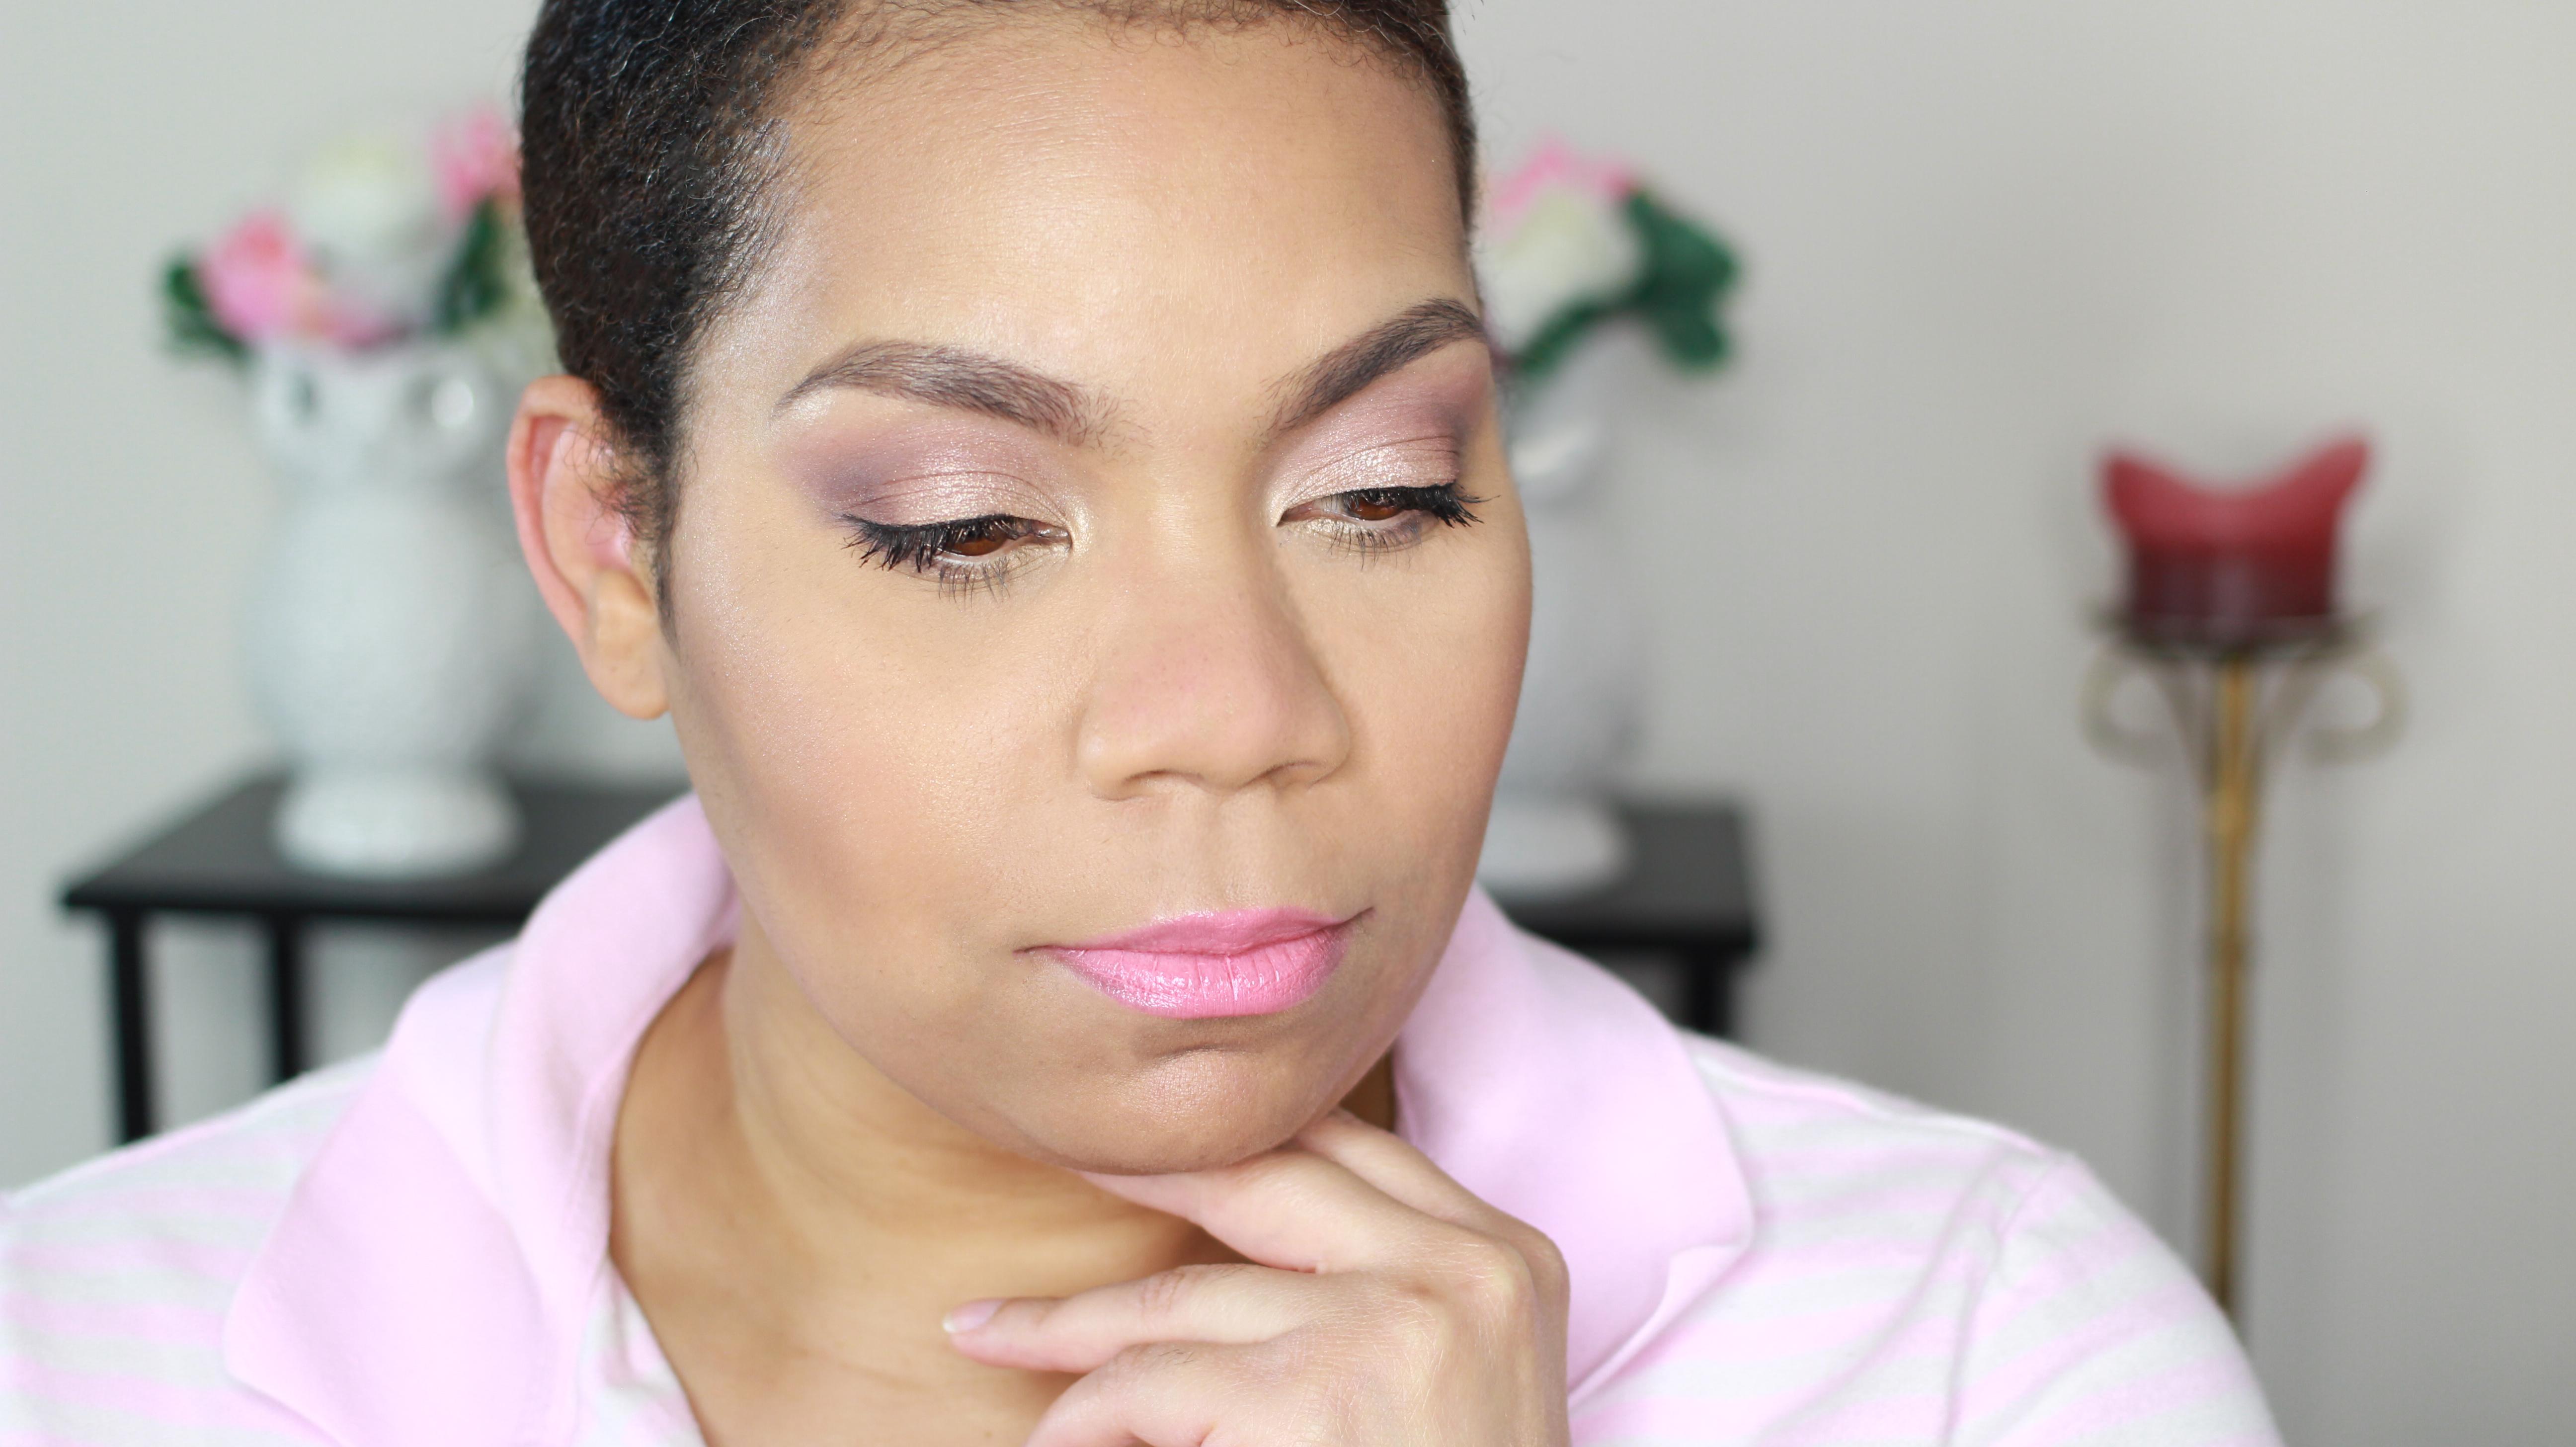 makeup-look-using-mirabella-visionary-eyeshadow-in-imagine